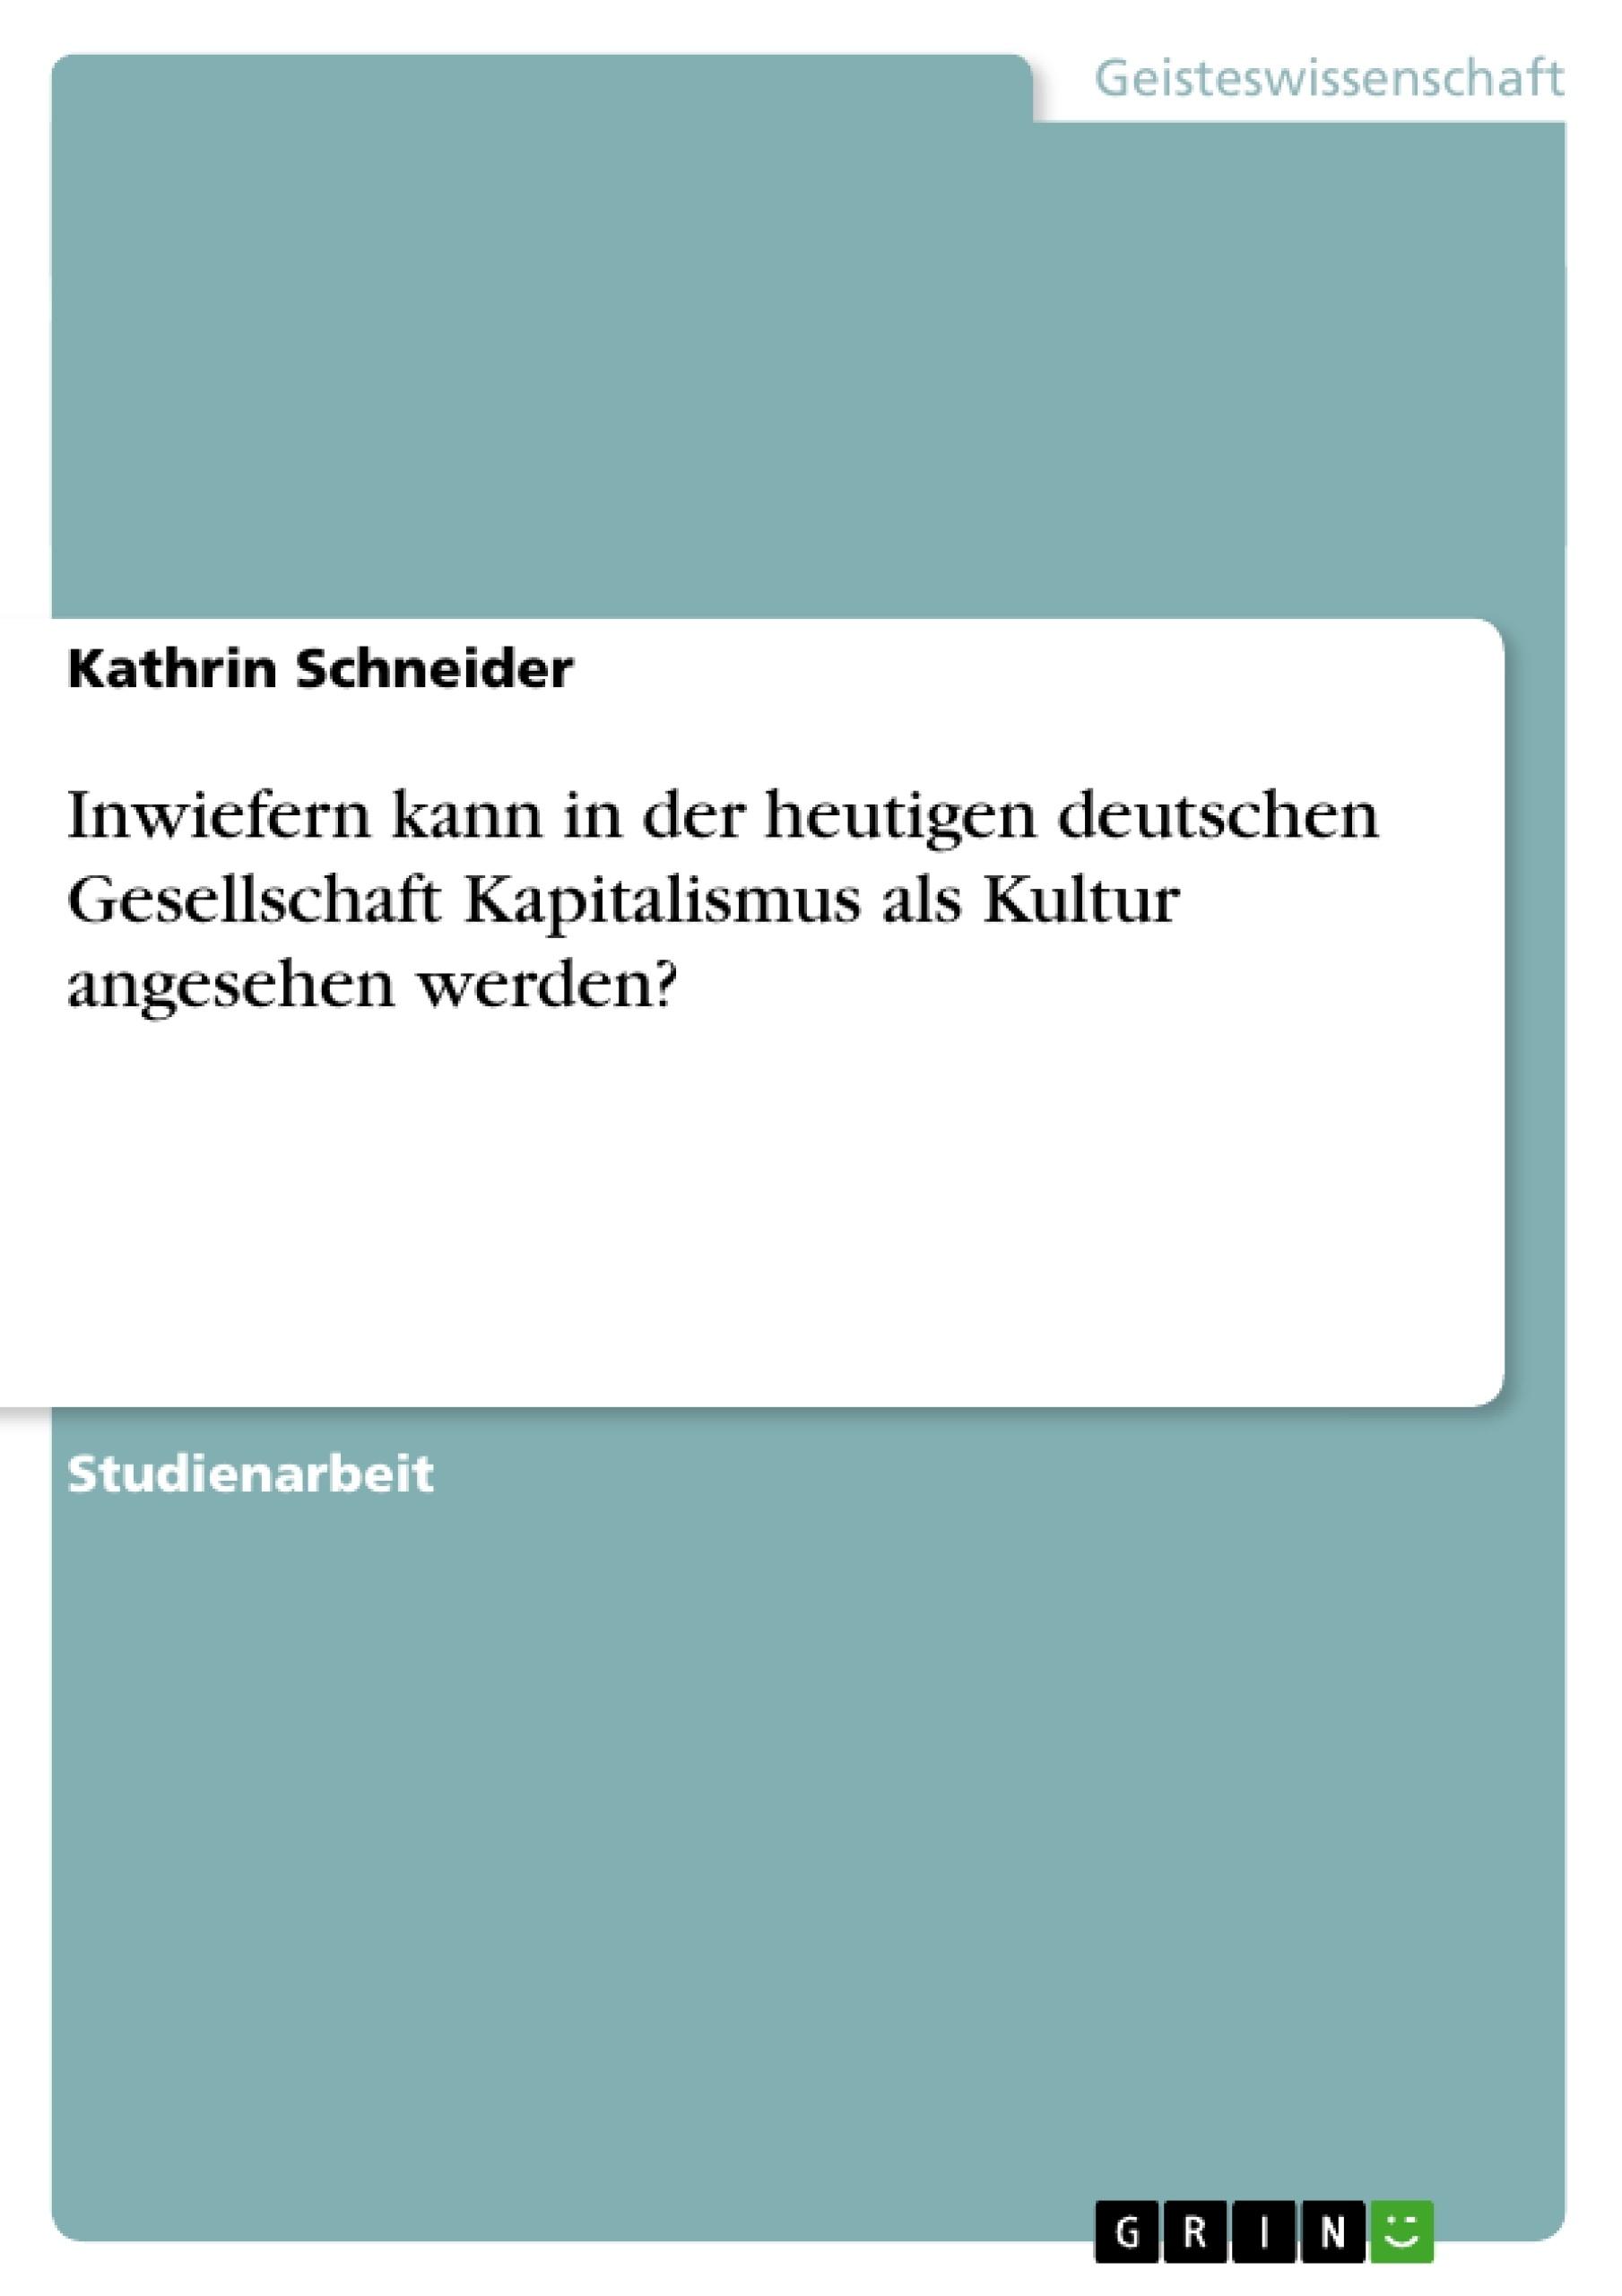 Titel: Inwiefern kann in der heutigen deutschen Gesellschaft Kapitalismus als Kultur angesehen werden?